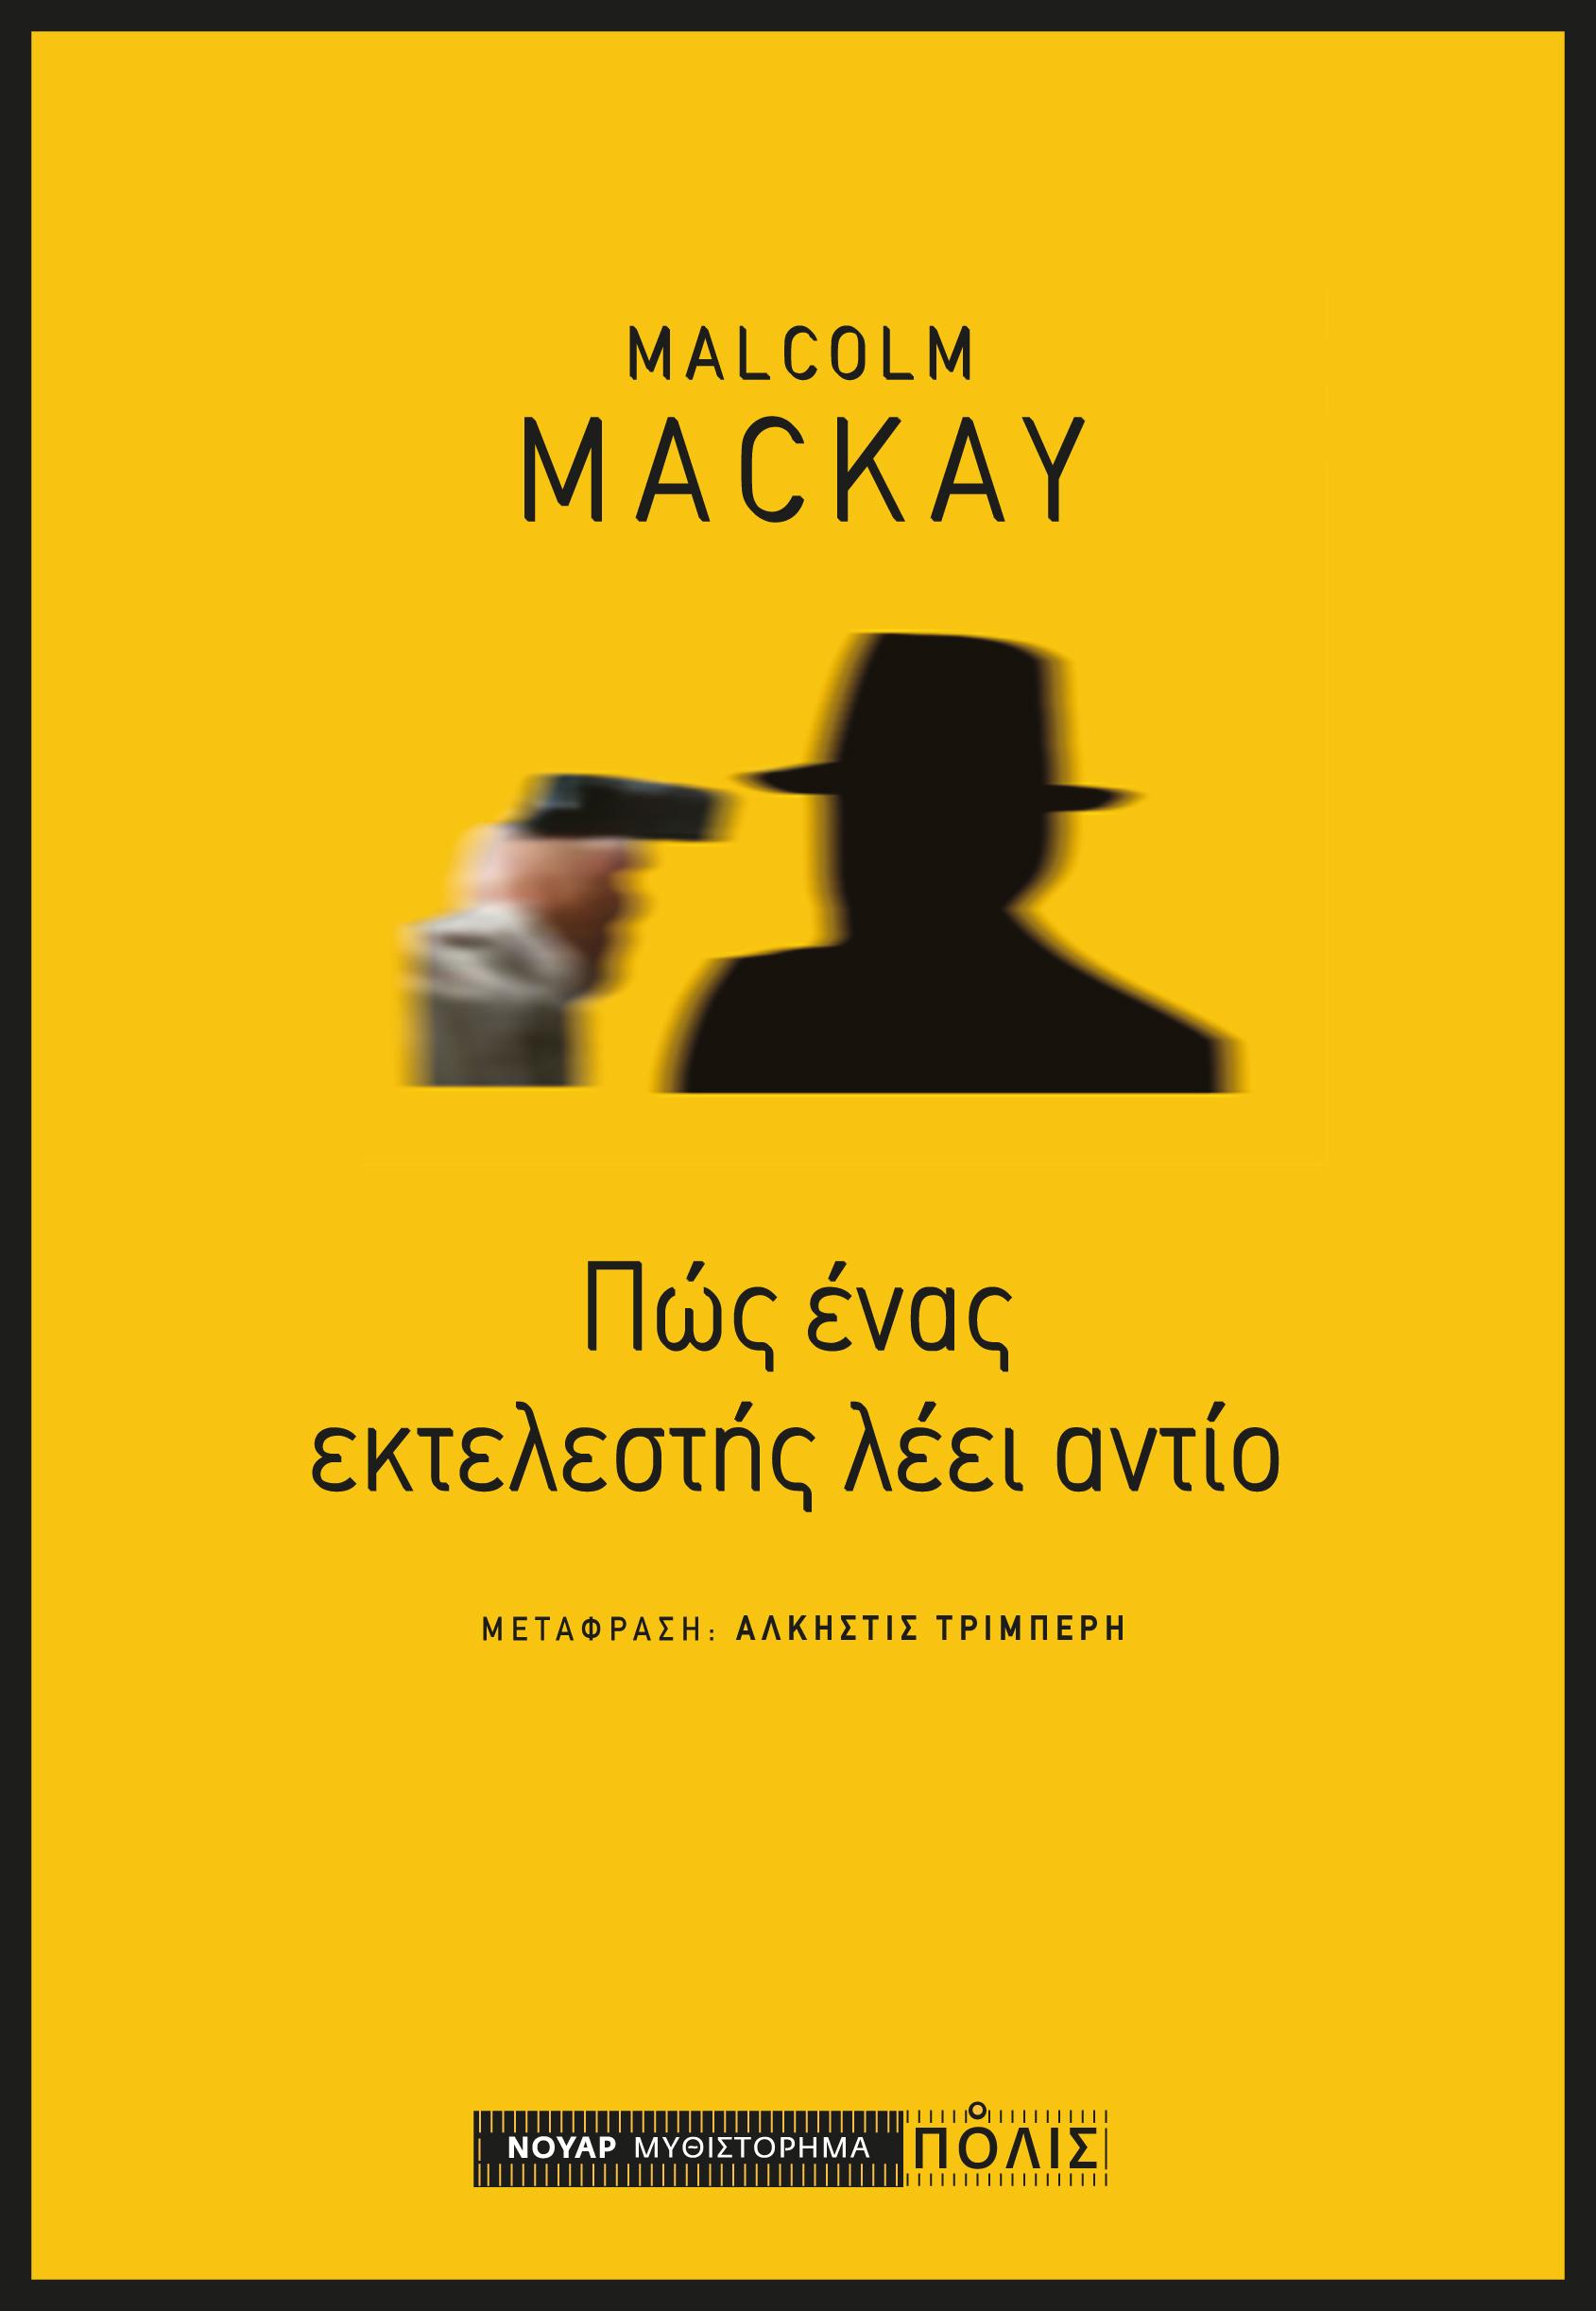 Ektelestis ex_Mackay